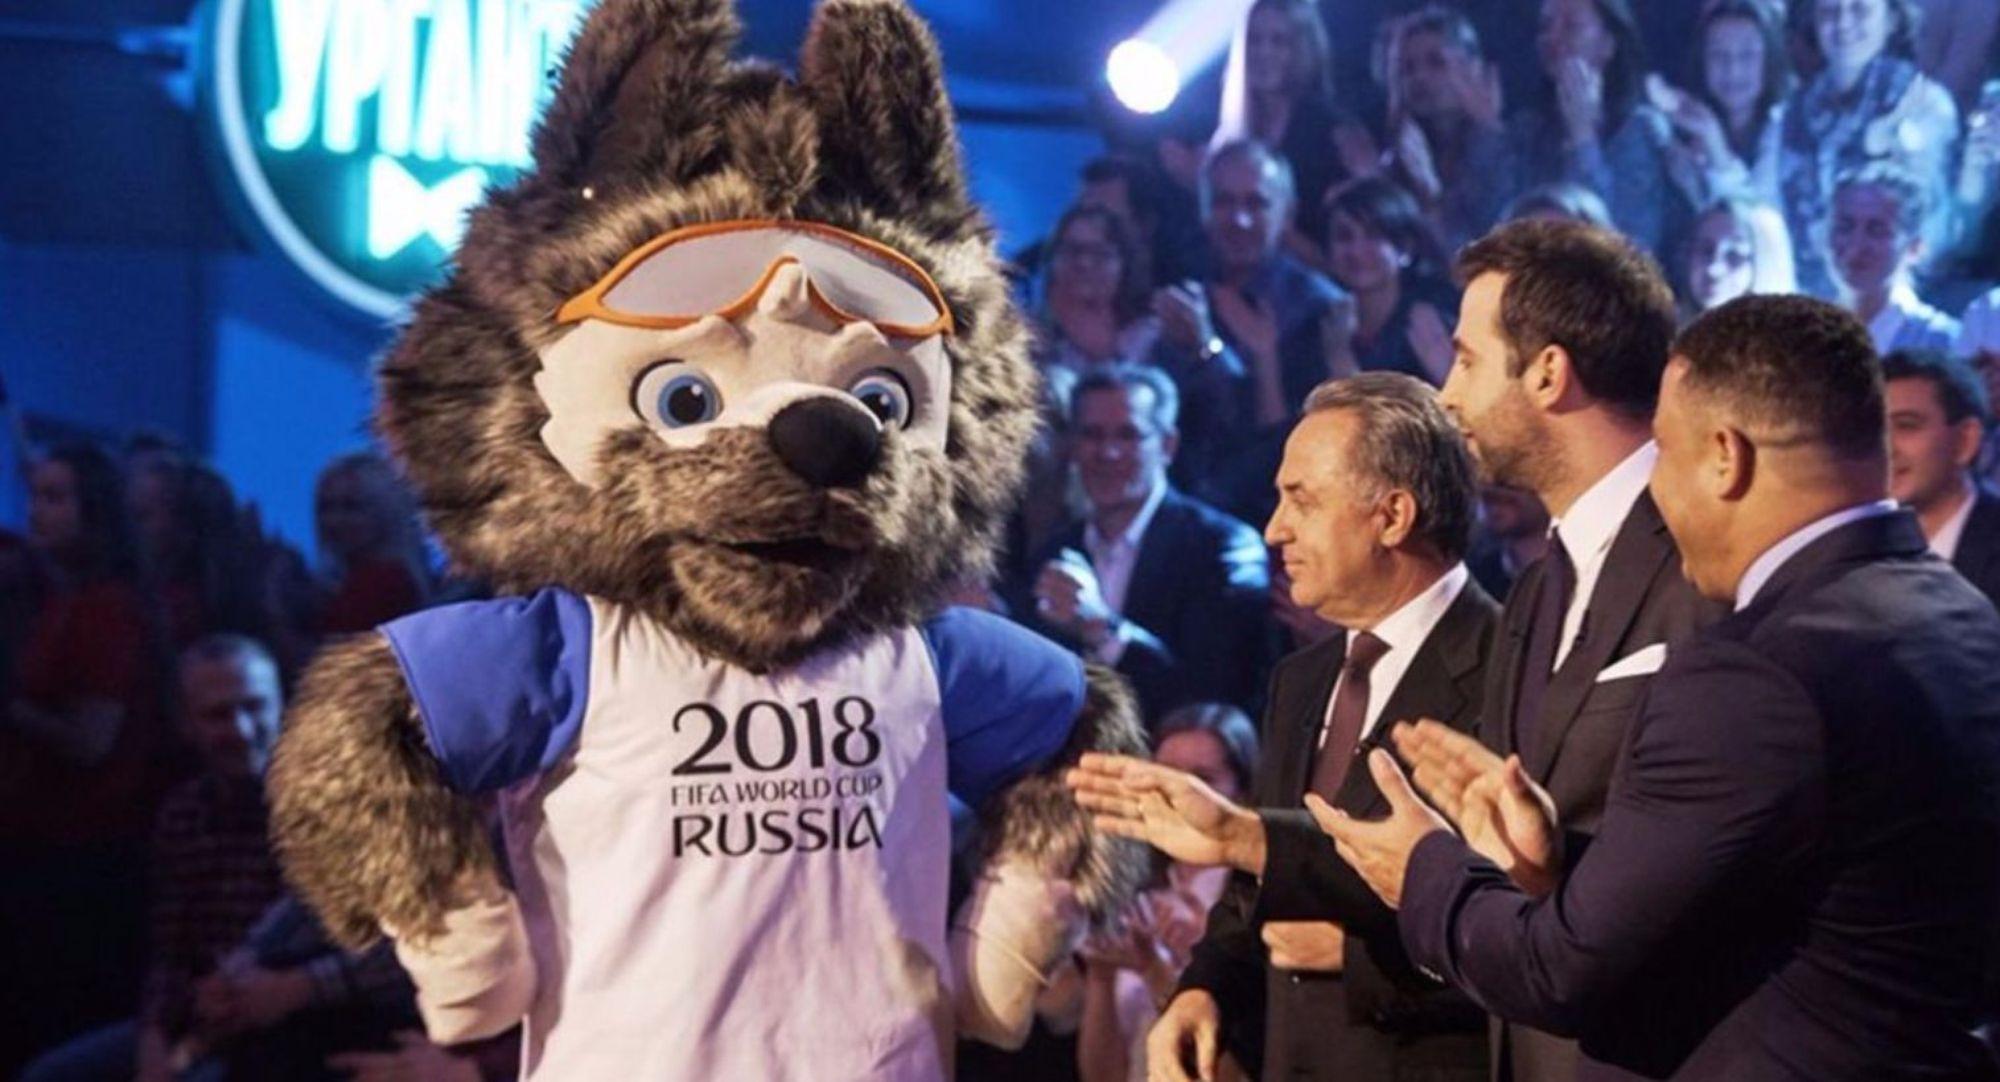 Британцы разработали памятку для гостей ЧМ-2018 в Российской Федерации